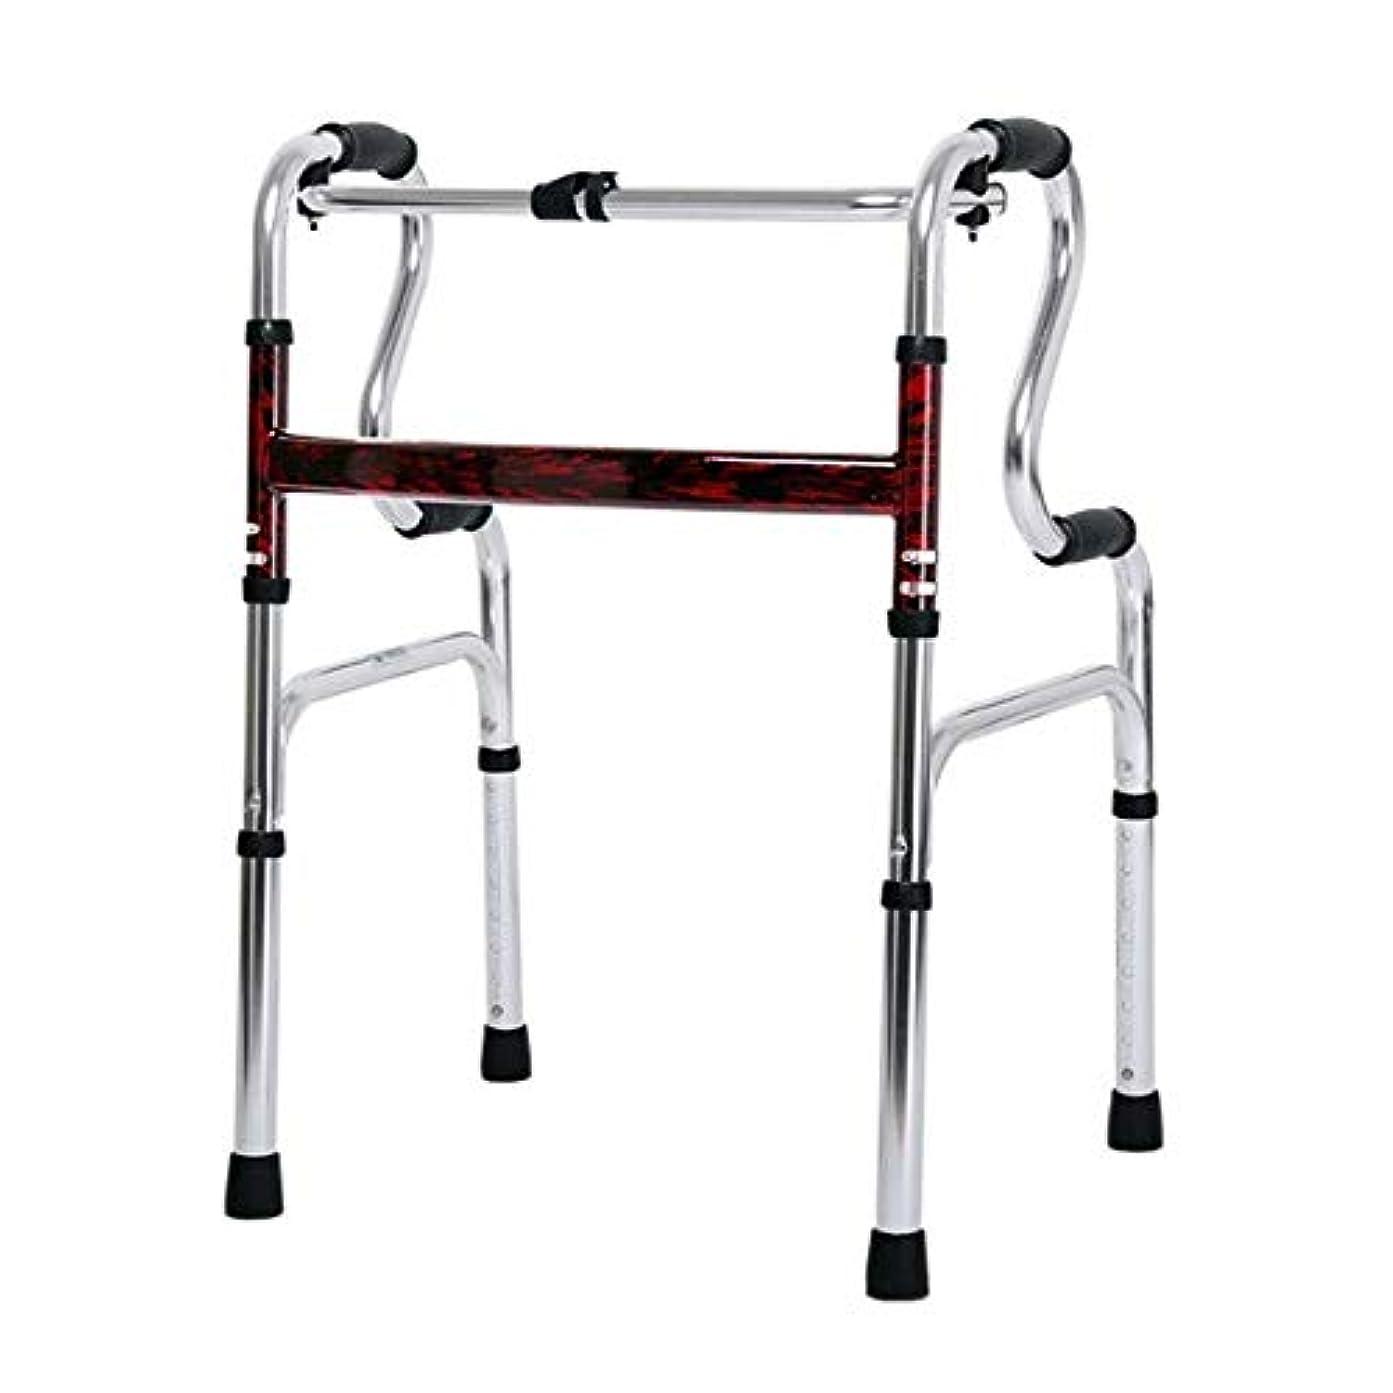 維持おもしろい圧力リハビリテーション歩行器、多機能高齢者歩行ブラケット、身体障害者用両腕歩行器 (Color : 銀)